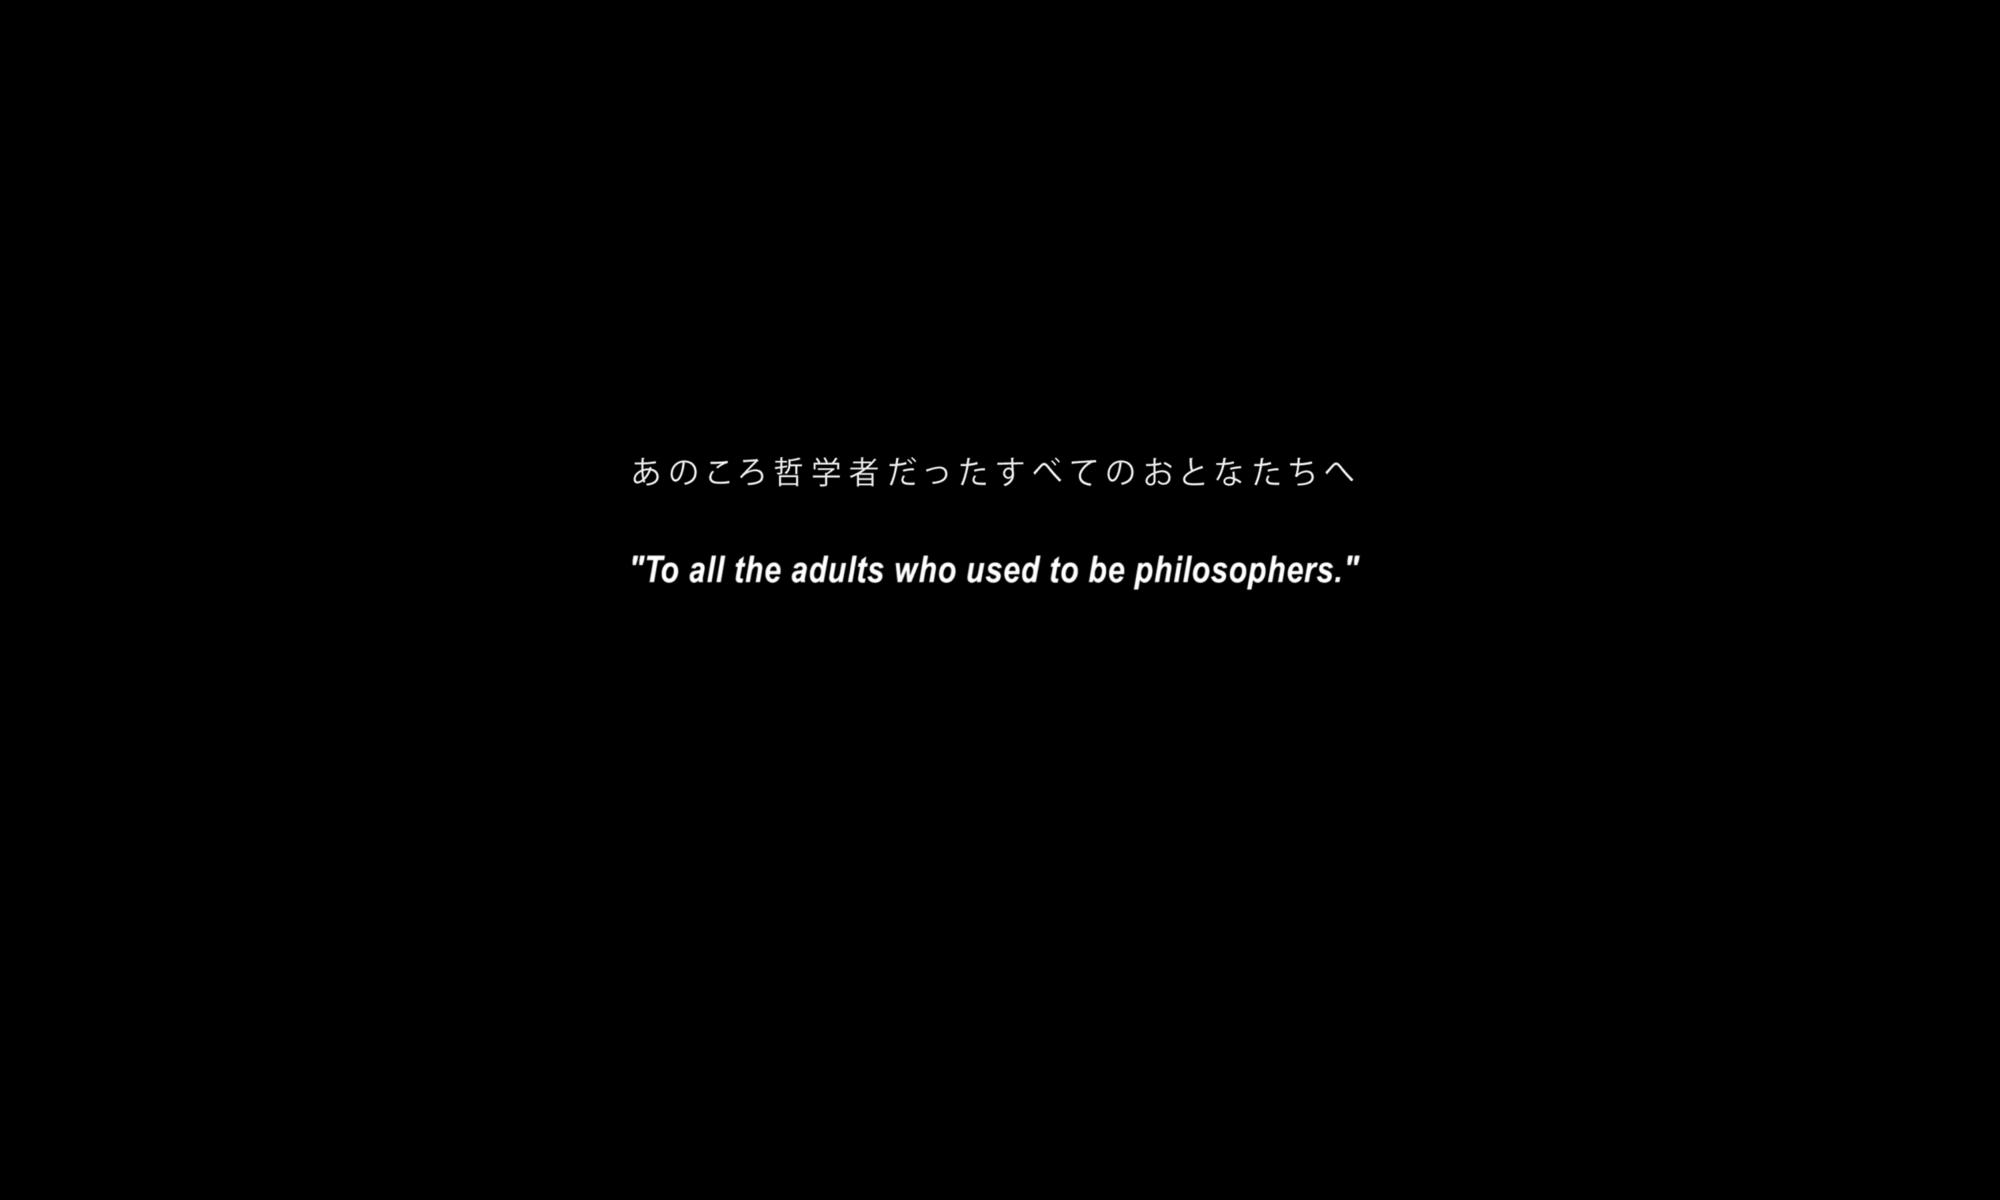 こども哲学 -アーダコーダのじかん-